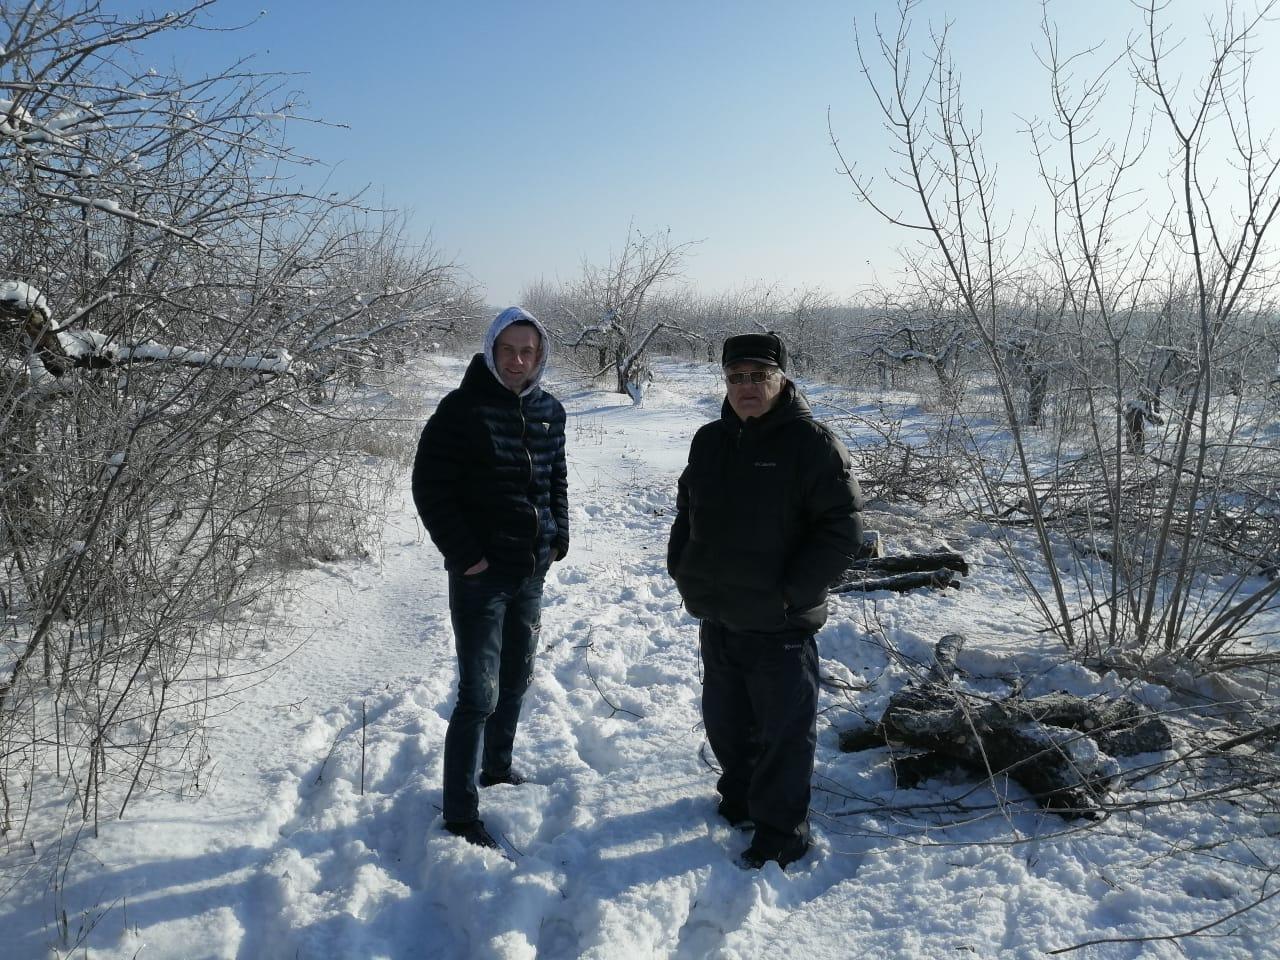 Яблоневые дрова высшего качества из экологически чистого района России